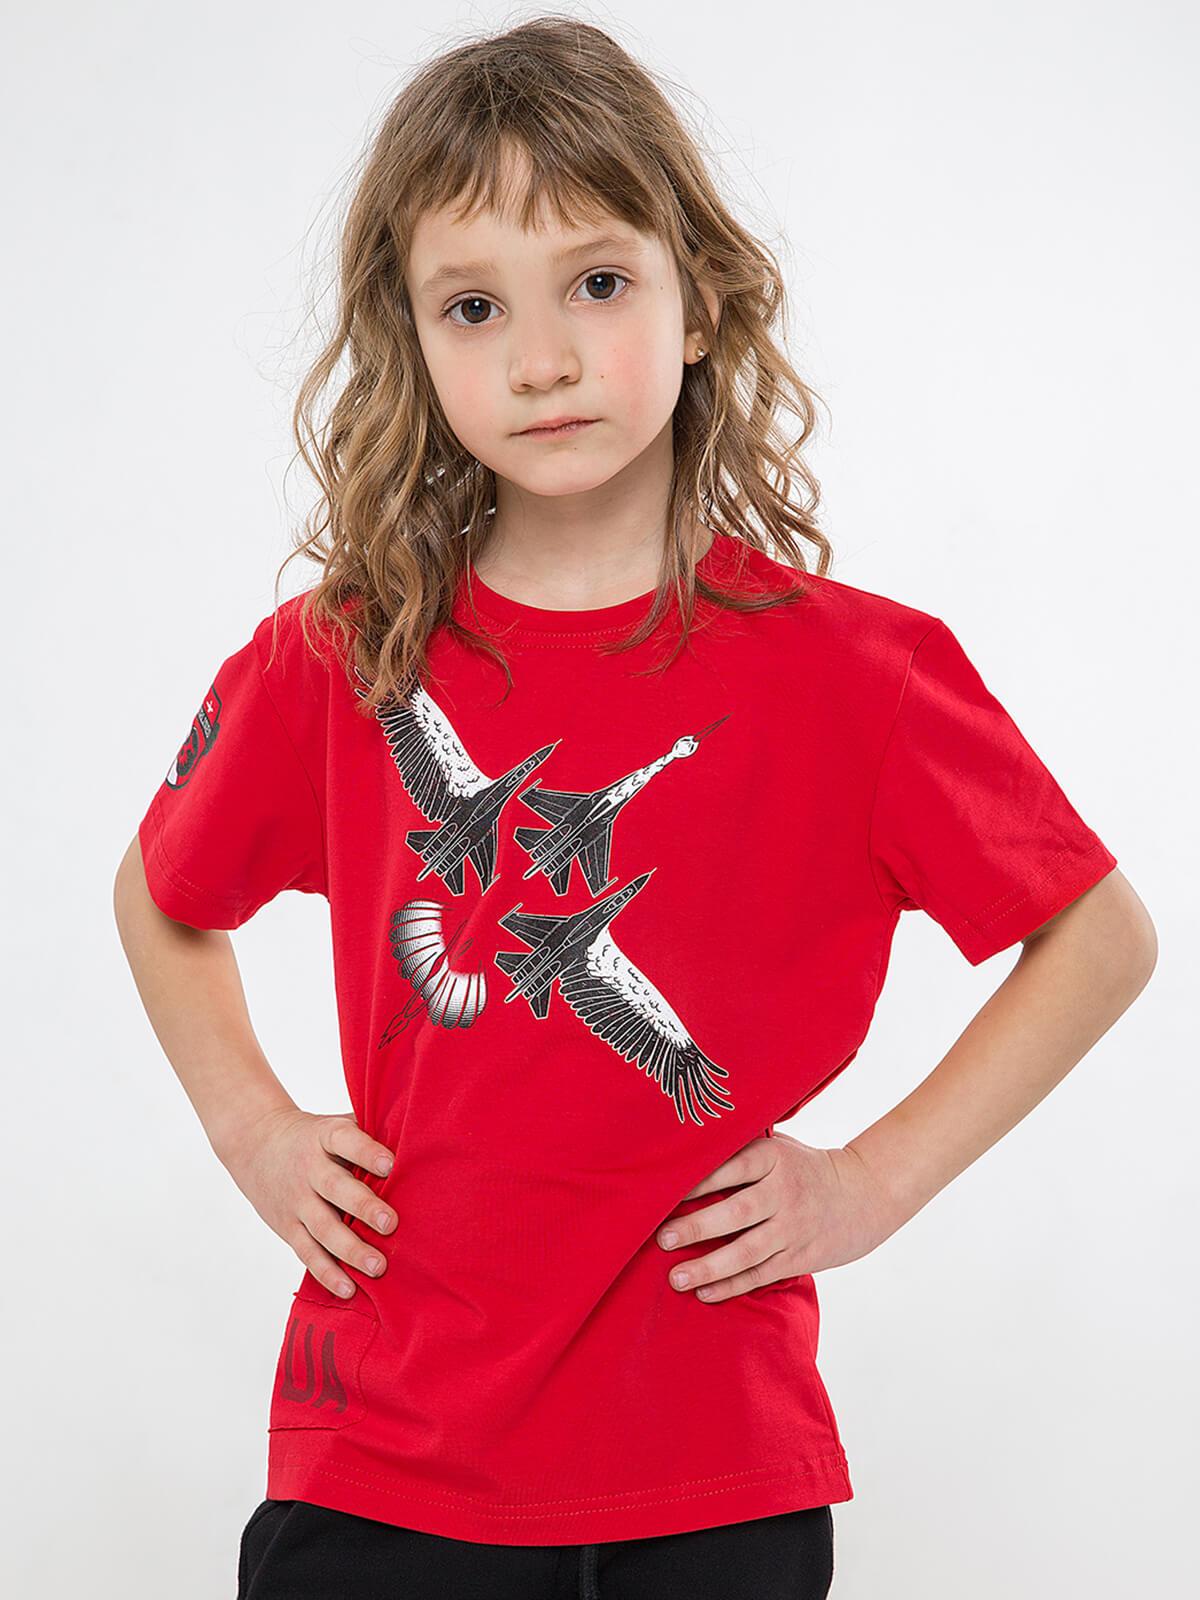 Дитяча Футболка Лелека. Колір червоний. .